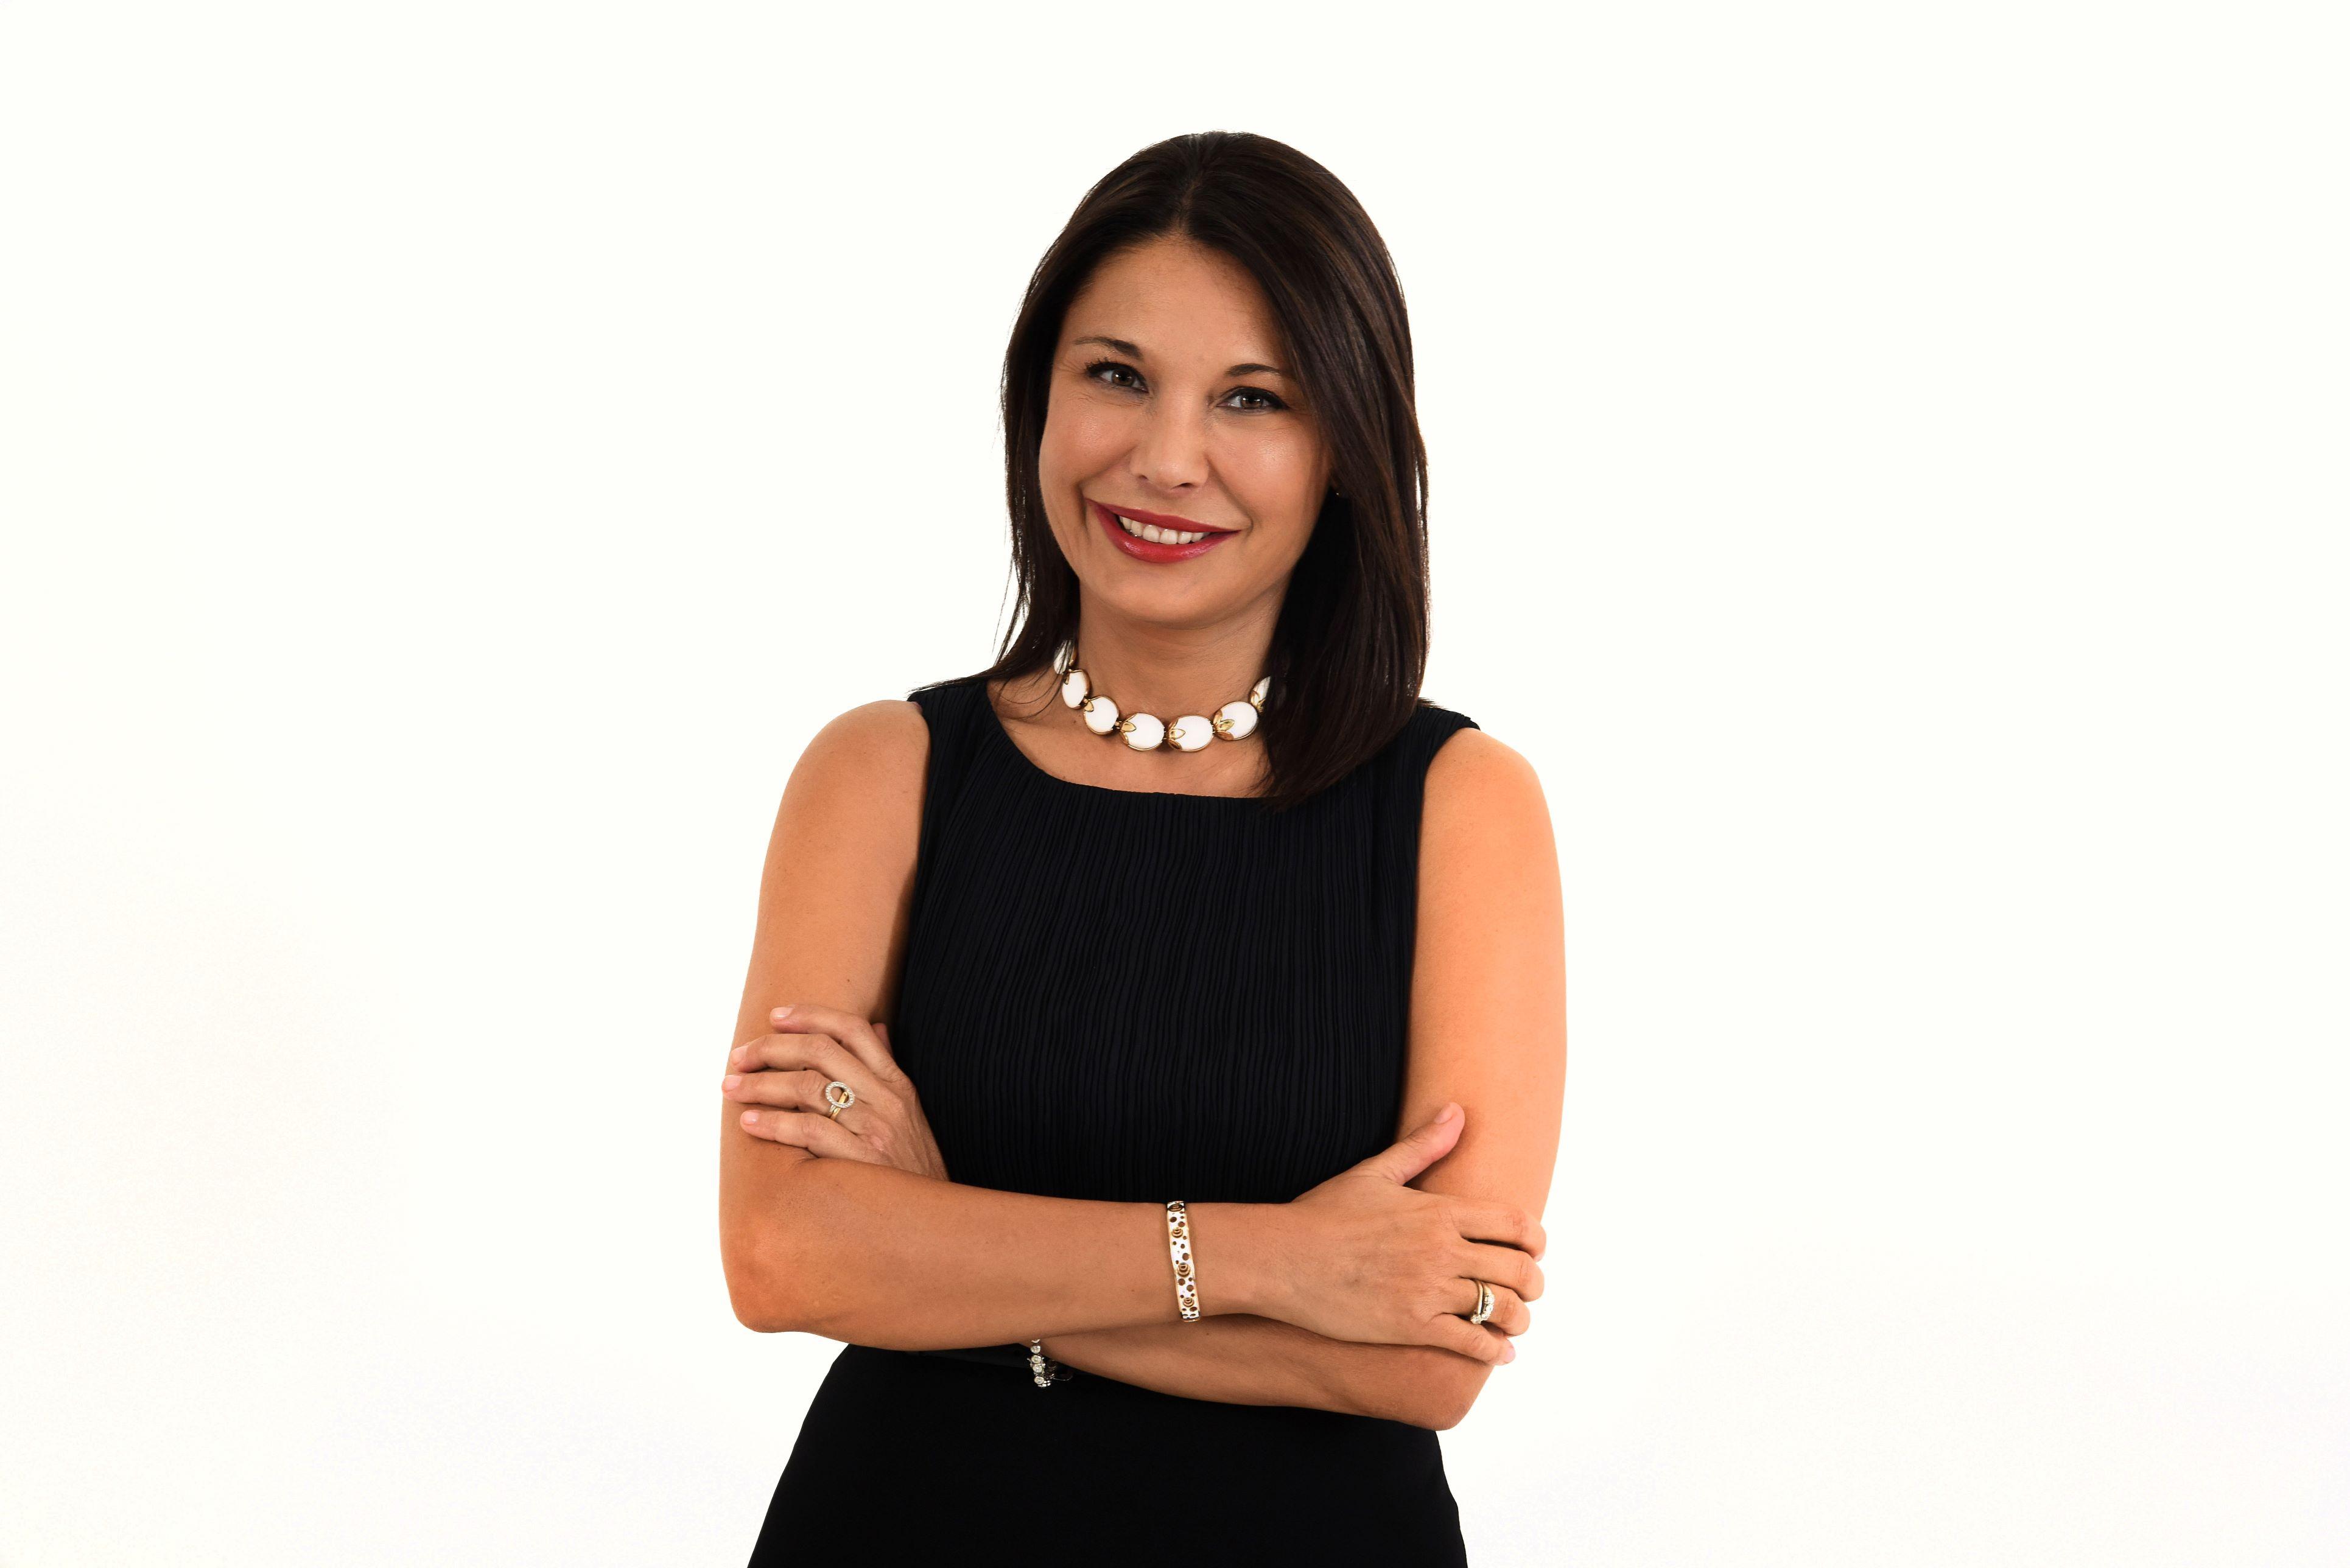 Stefania Radoccia